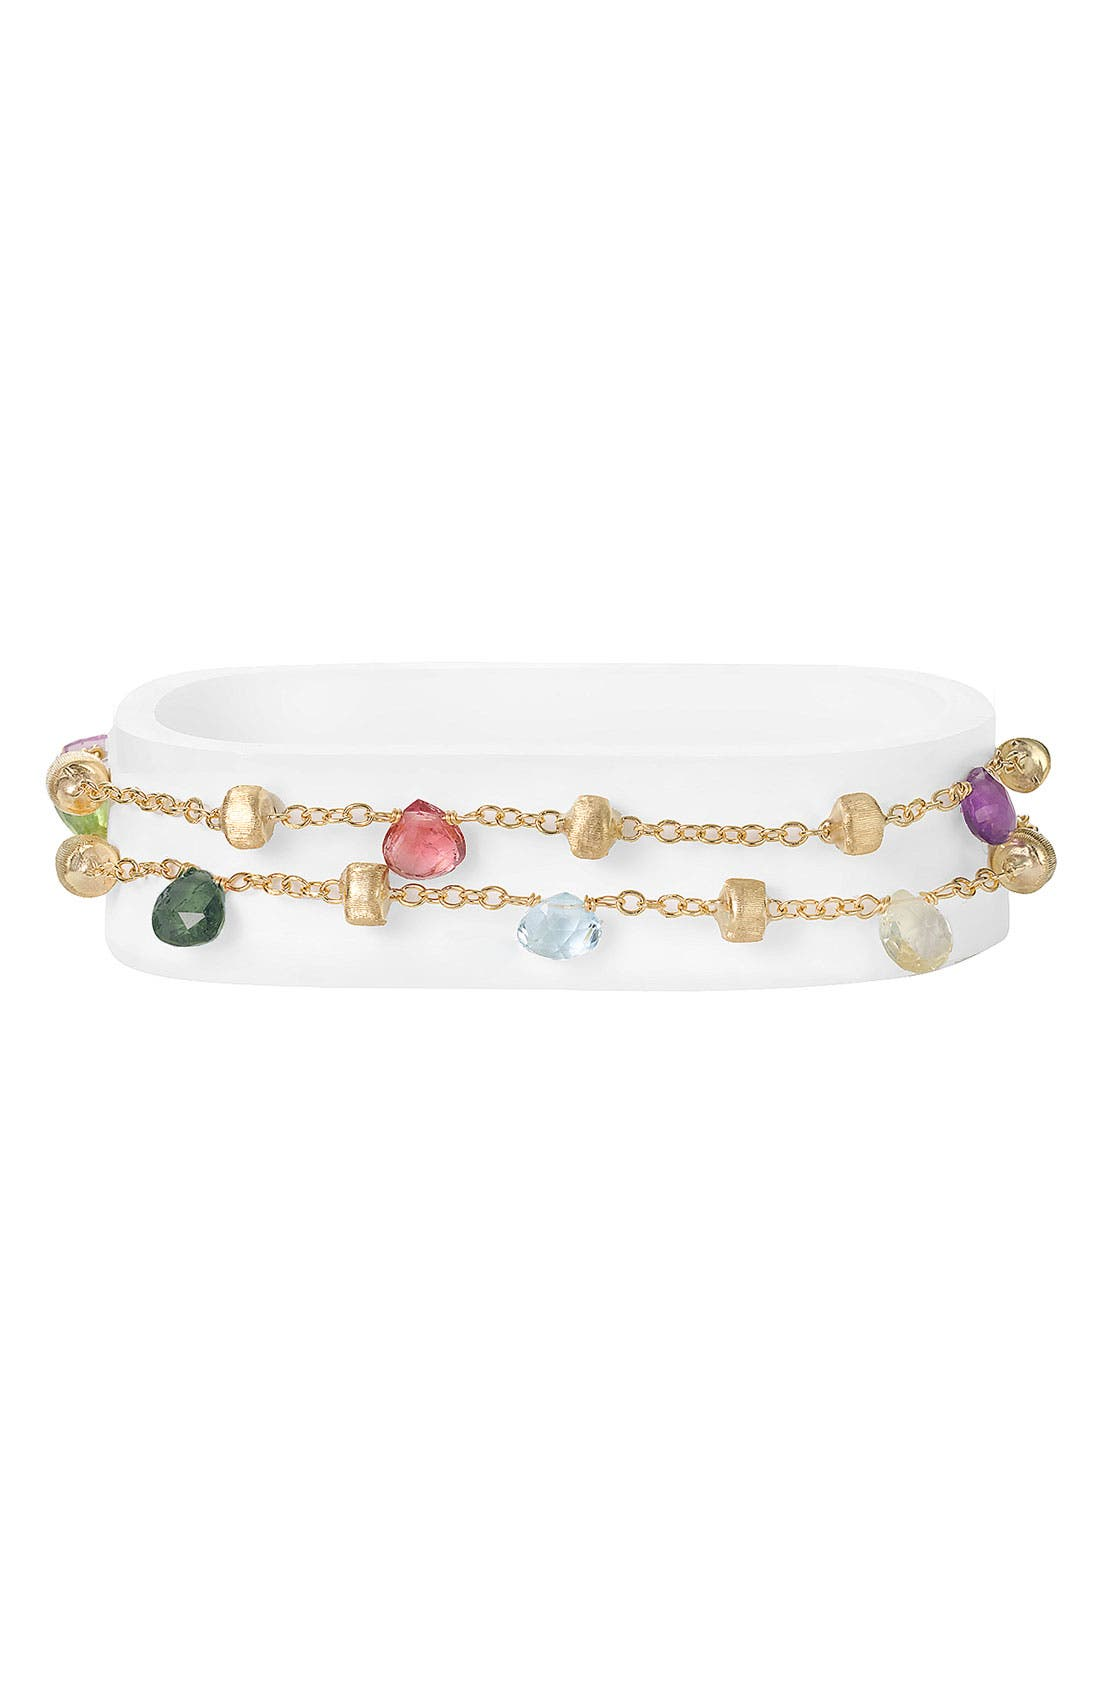 Alternate Image 1 Selected - Marco Bicego 'Paradise' Double Strand Semiprecious Stone Bracelet